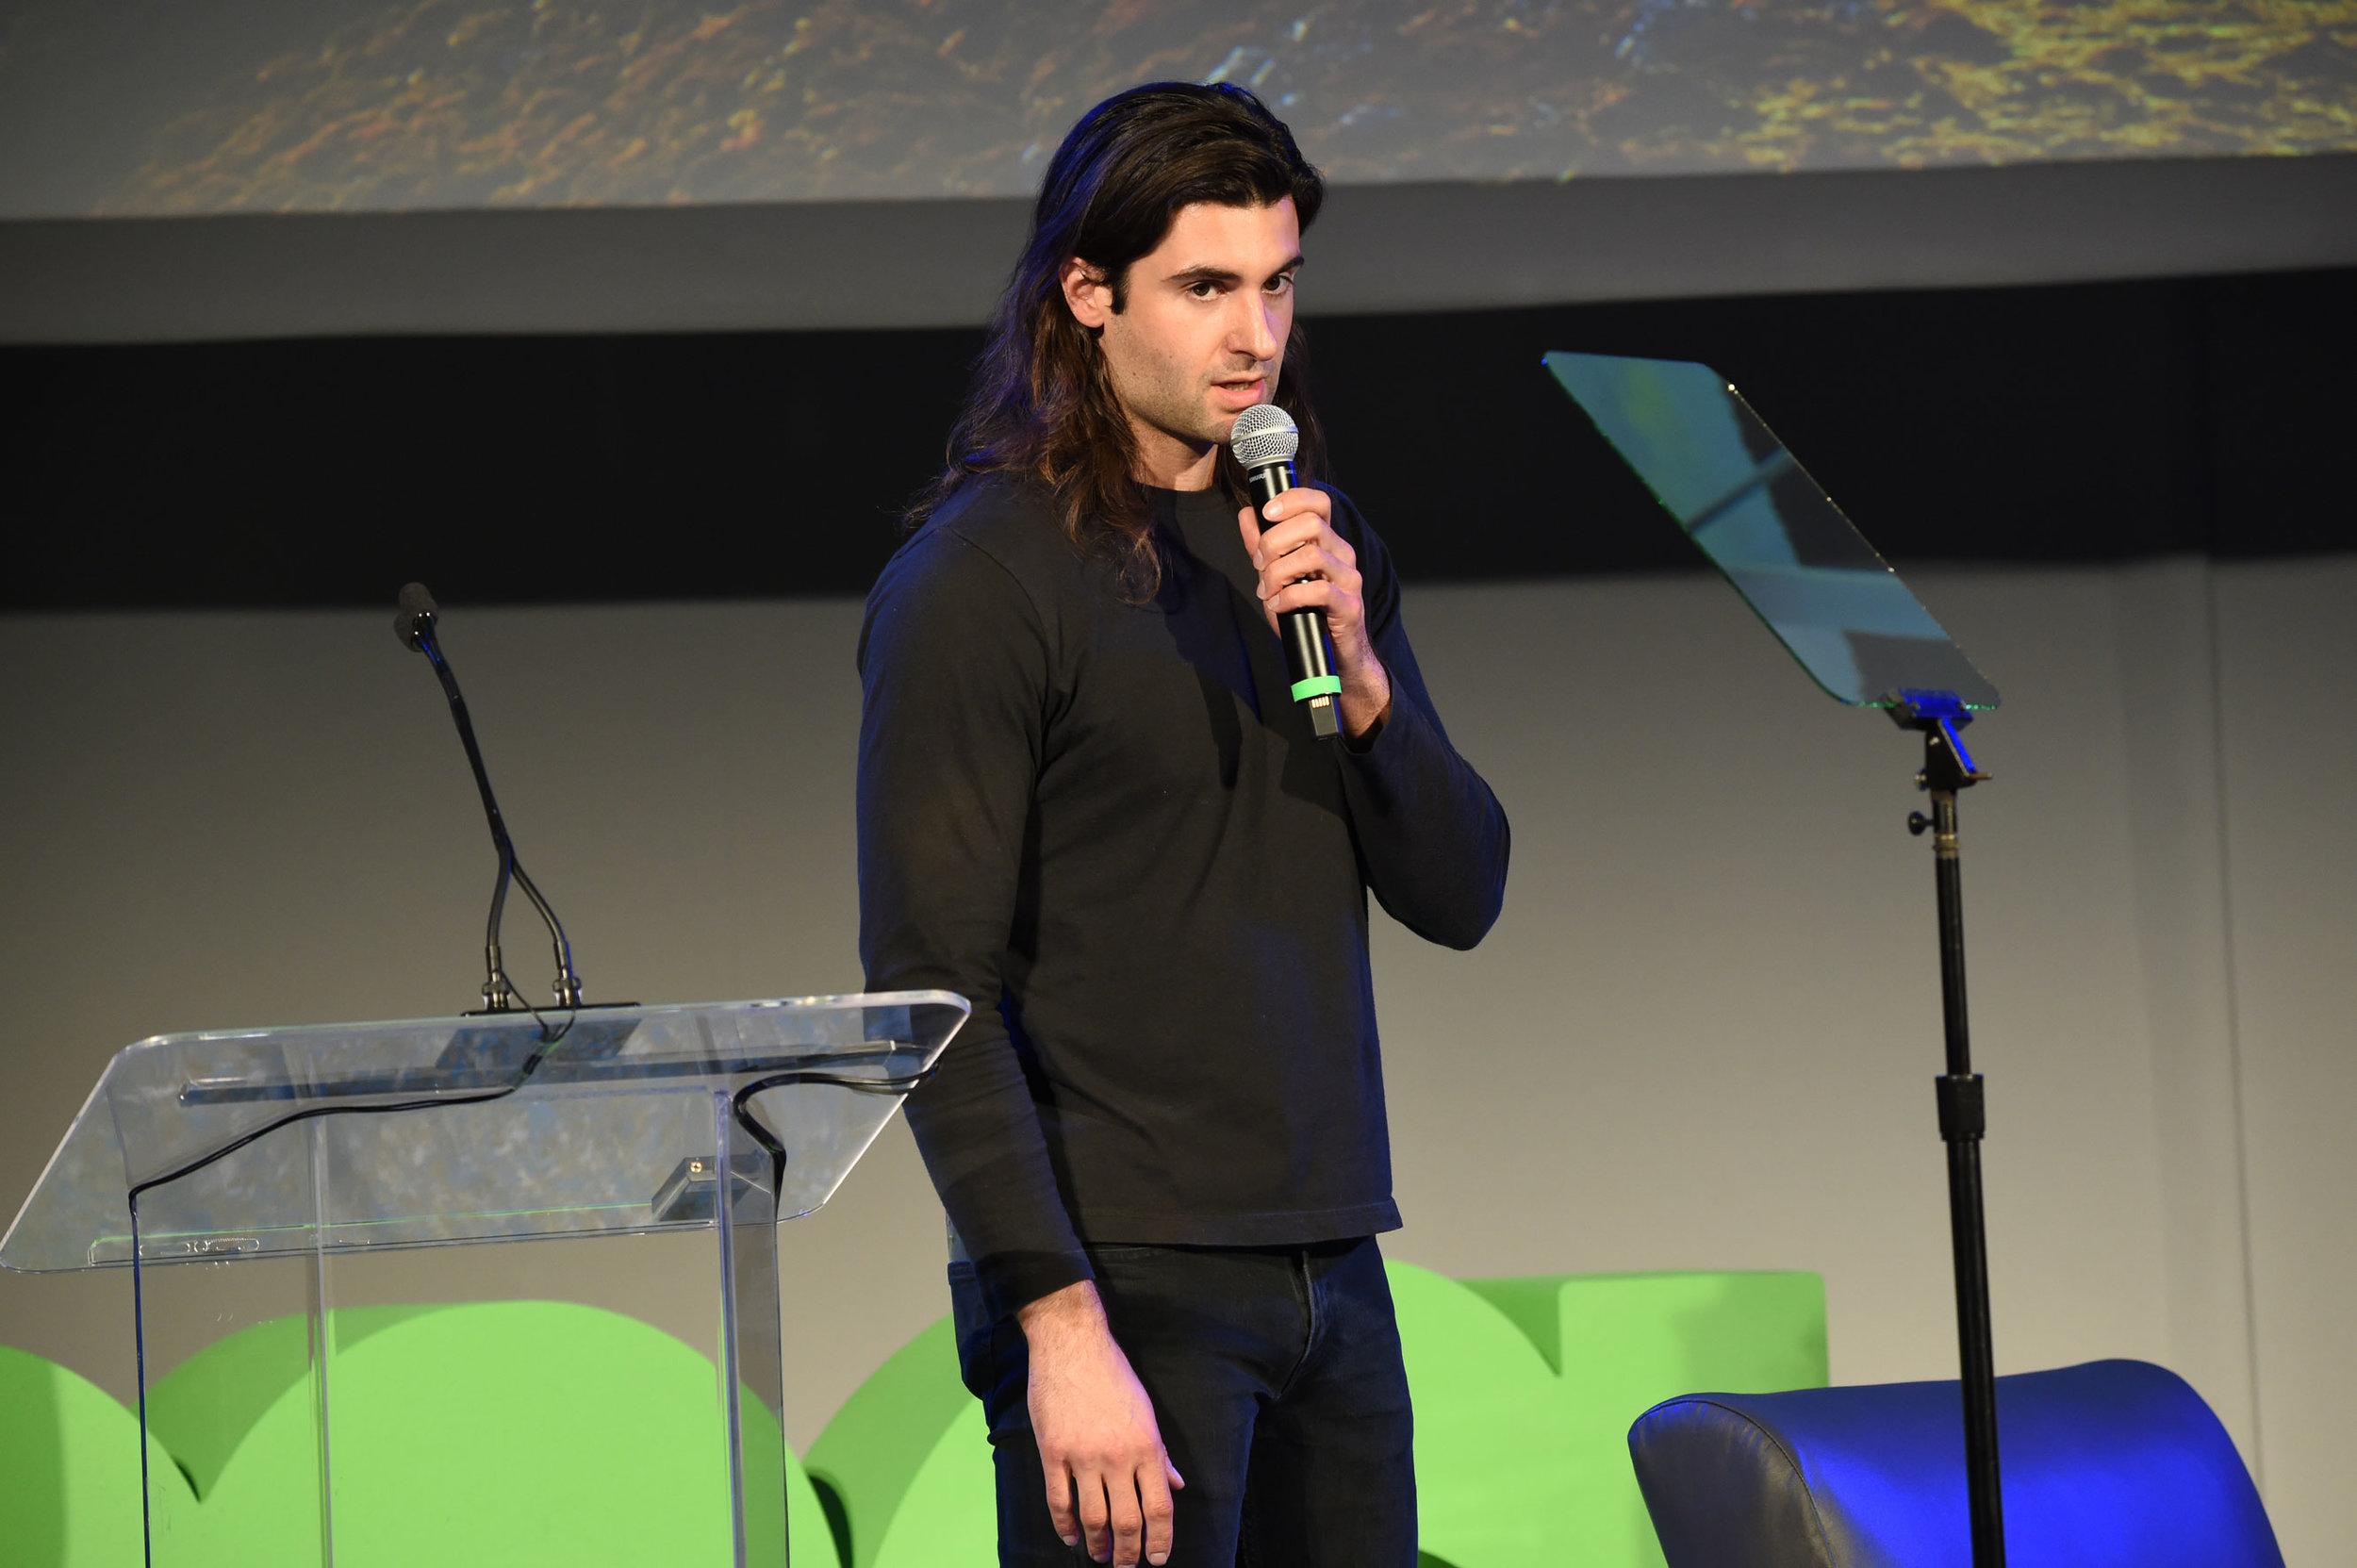 Opus 12 Inc. - Nicolas FlandersCo-Founder & CEO